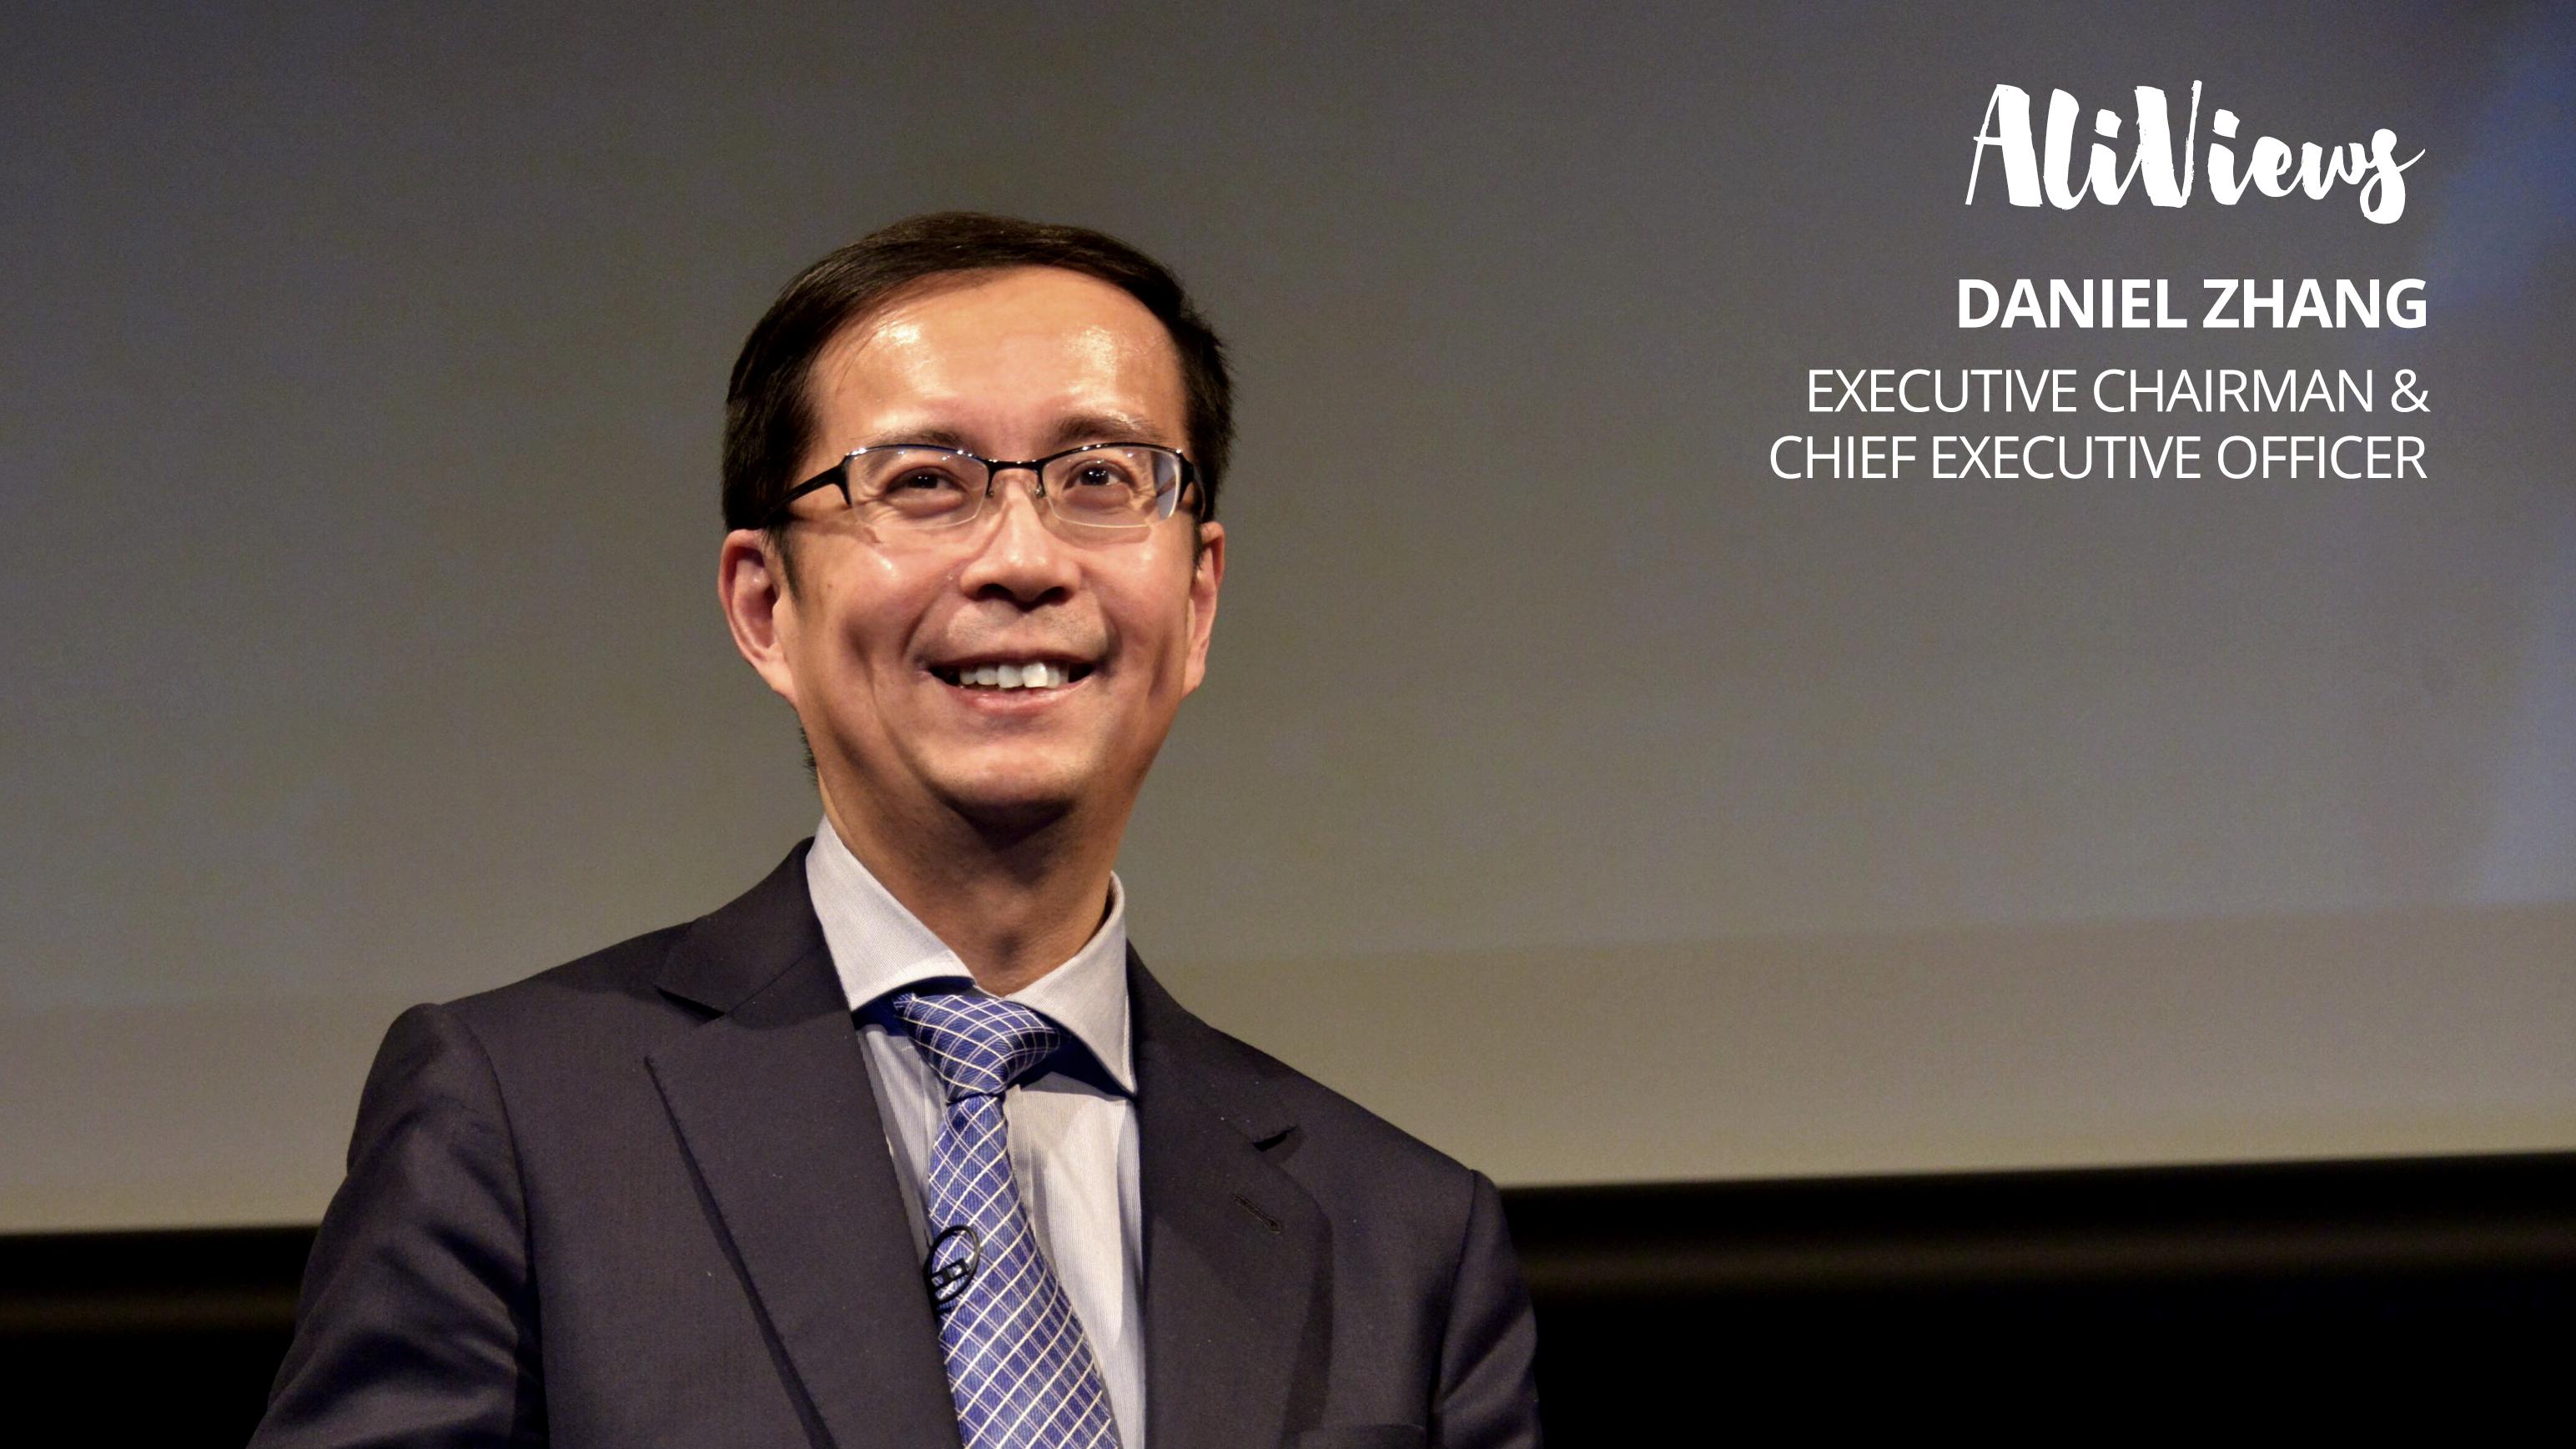 Глава Alibaba Джек Ма уступил свои посты Дэниэлу Чжану